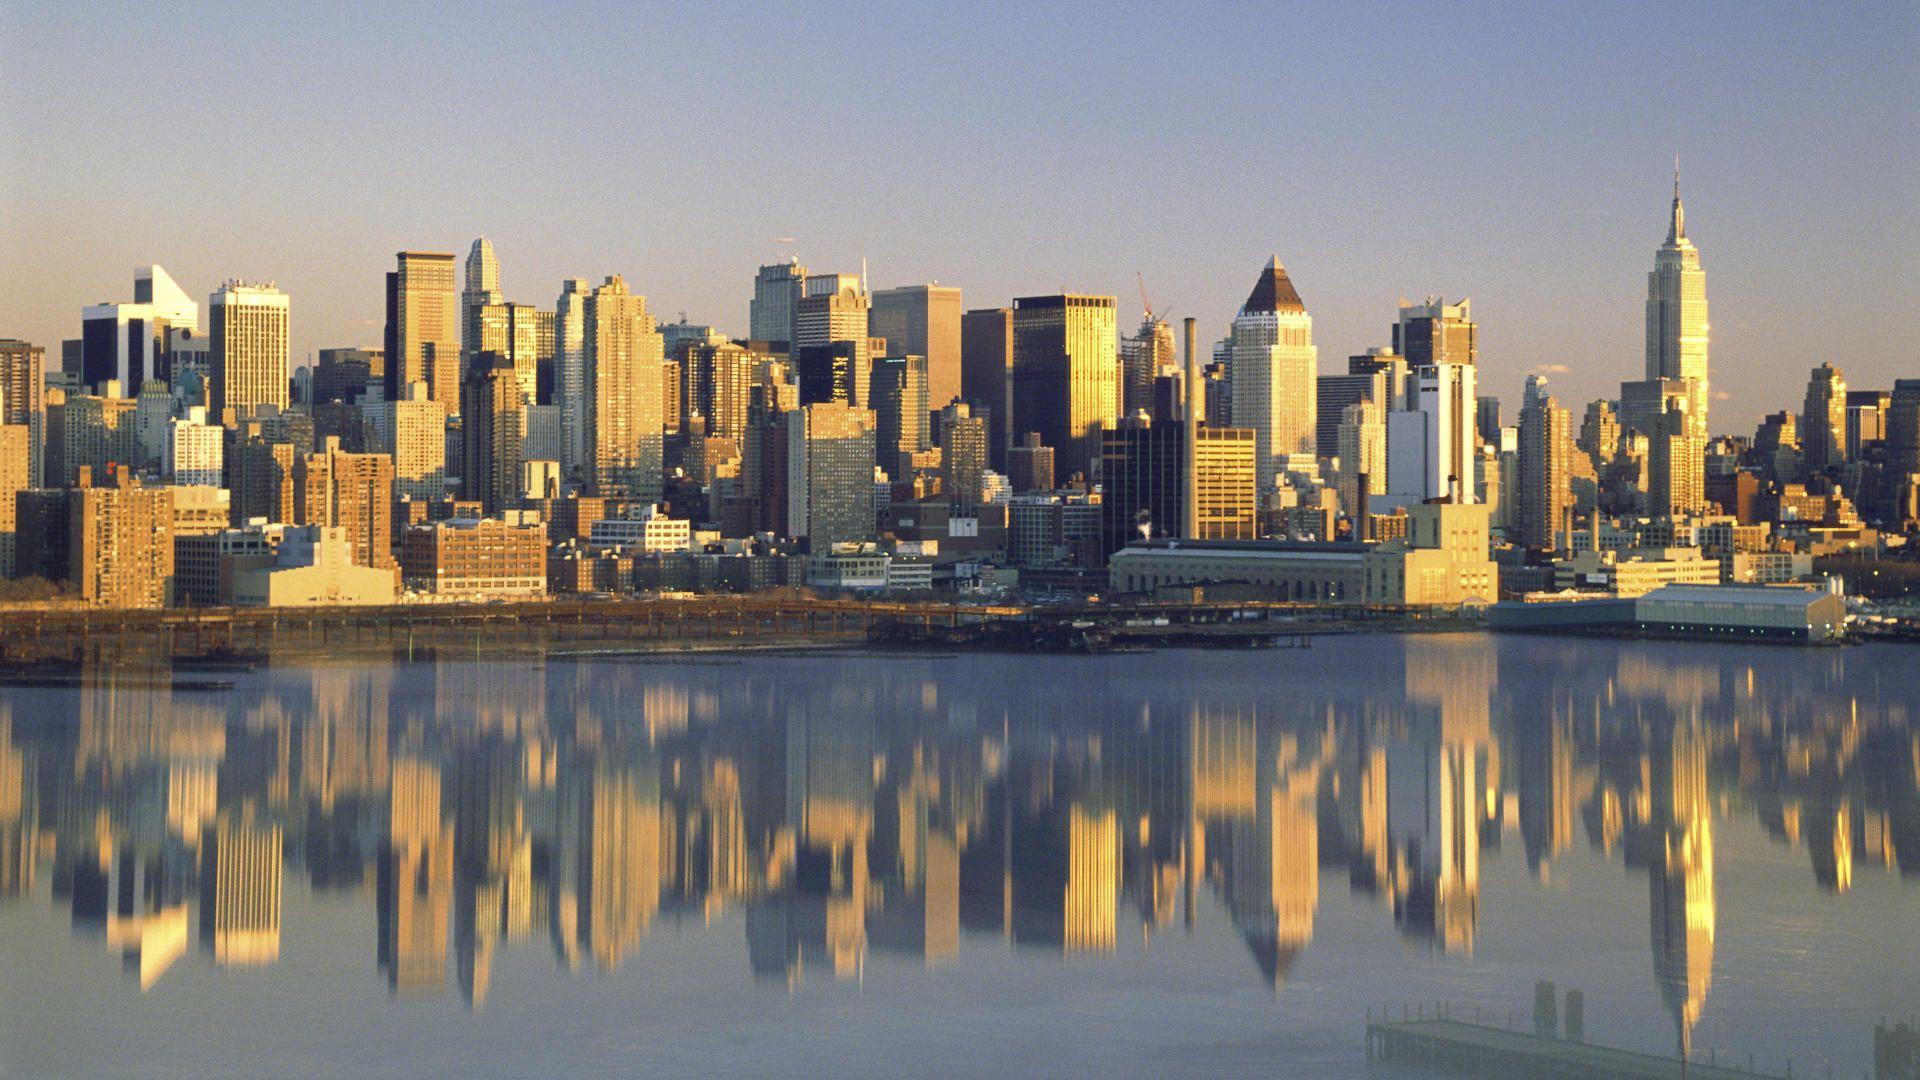 Newyorkcityreflectednewyork